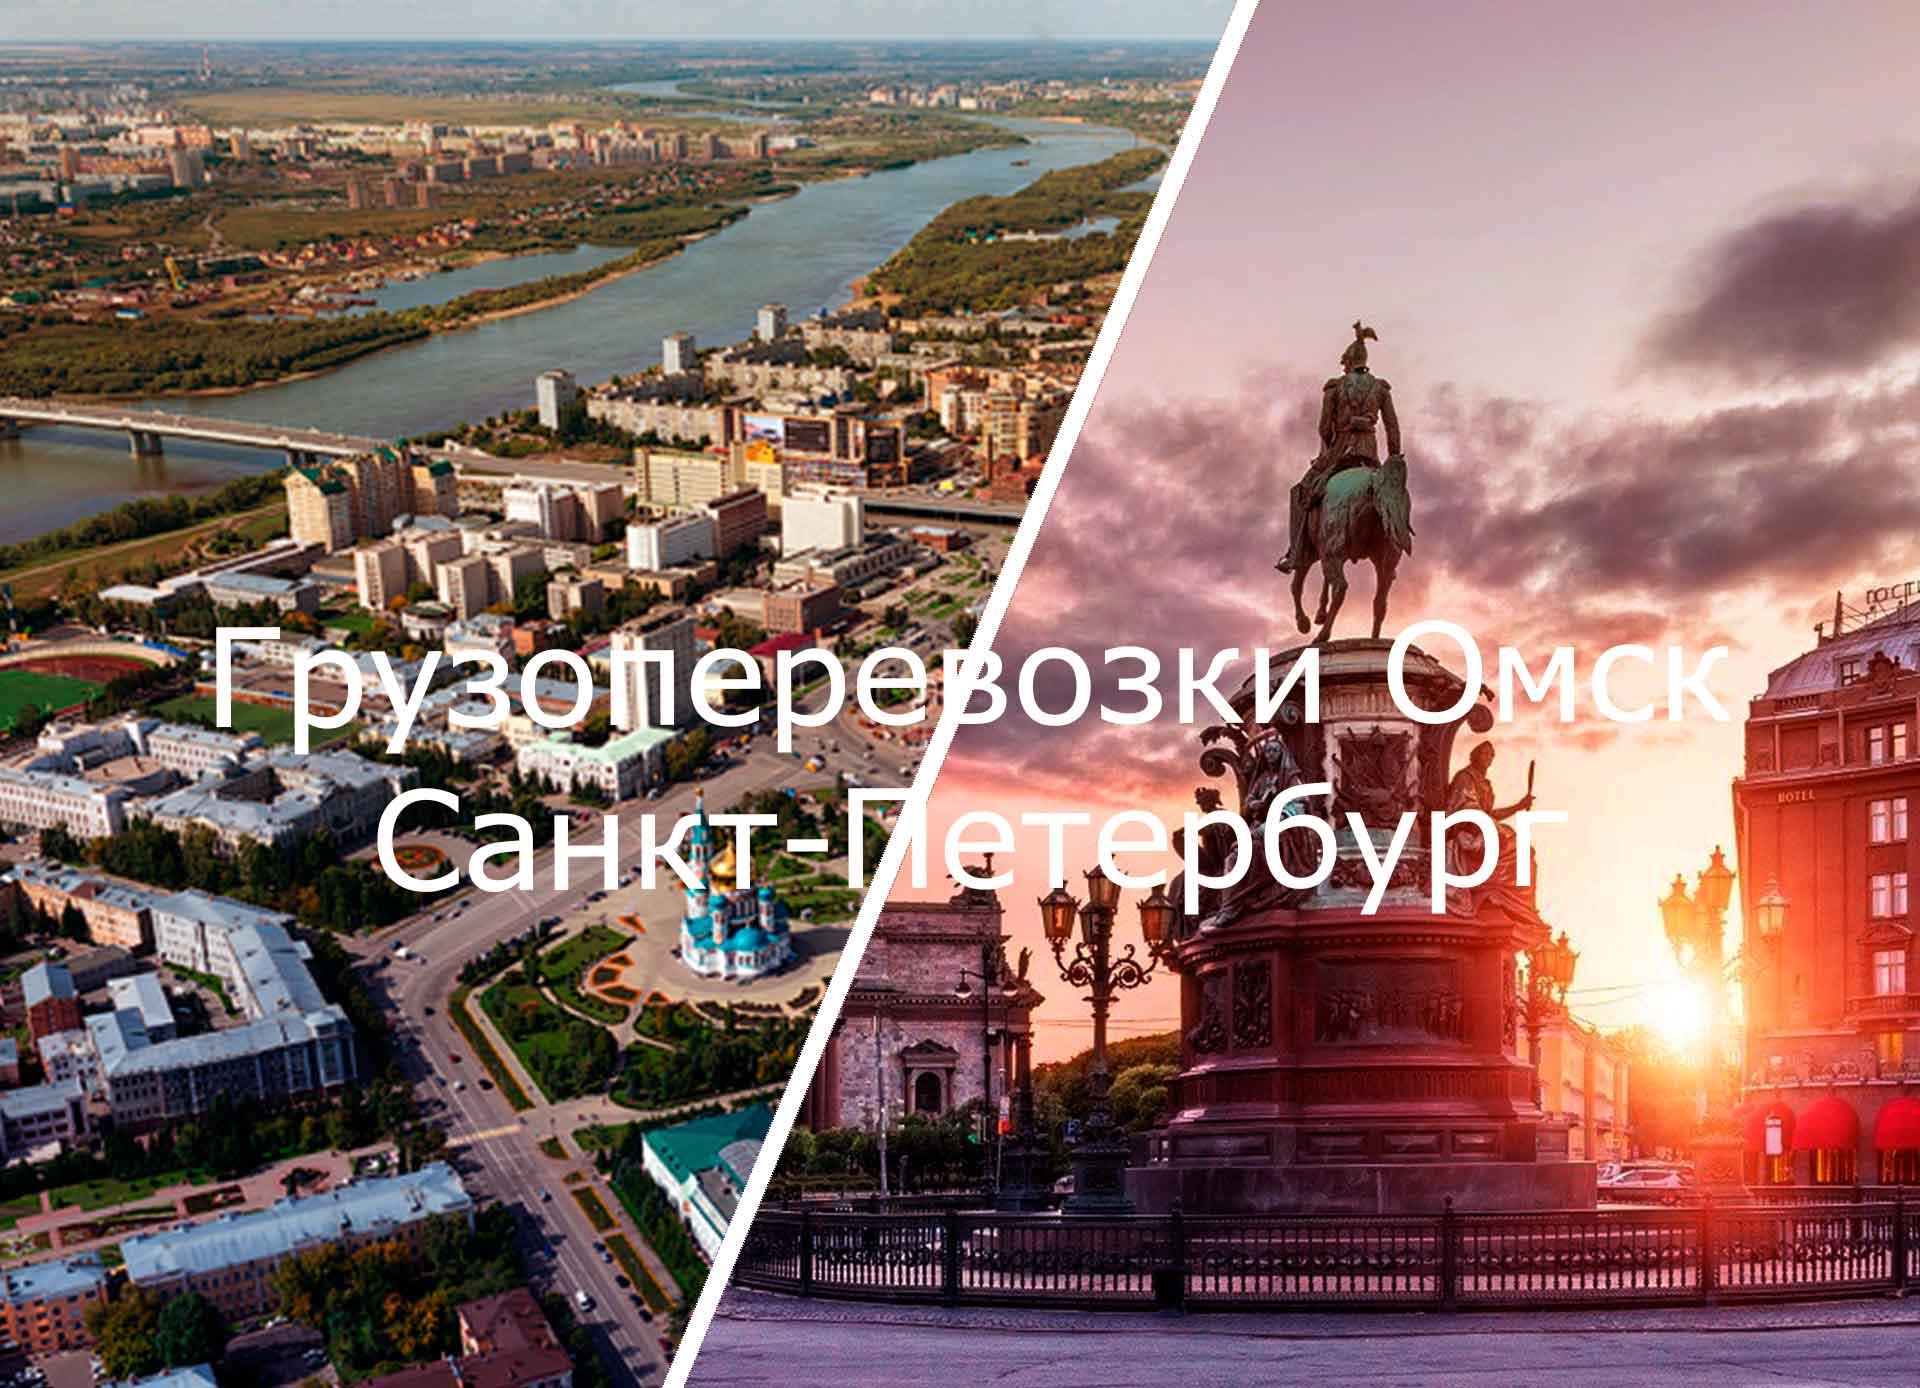 грузоперевозки омск санкт петербург